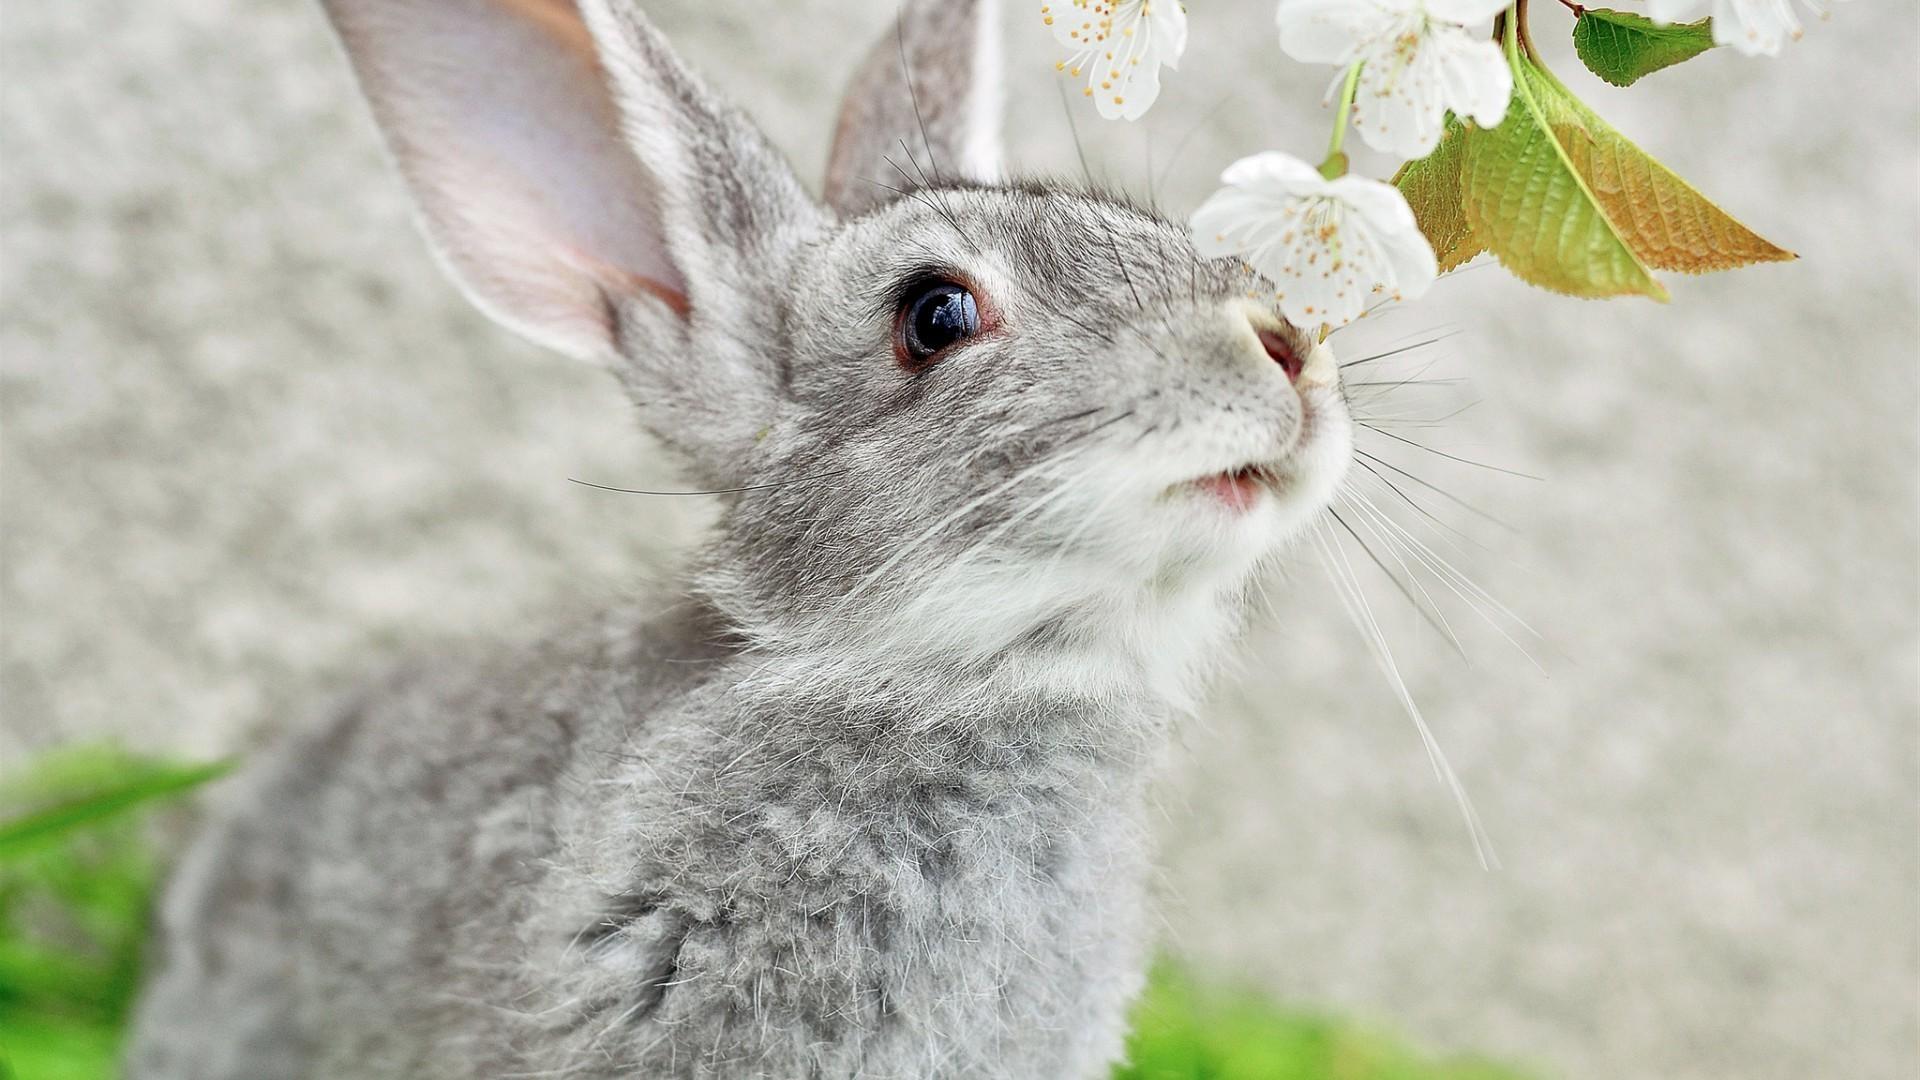 Кролик макро  № 3207685 бесплатно